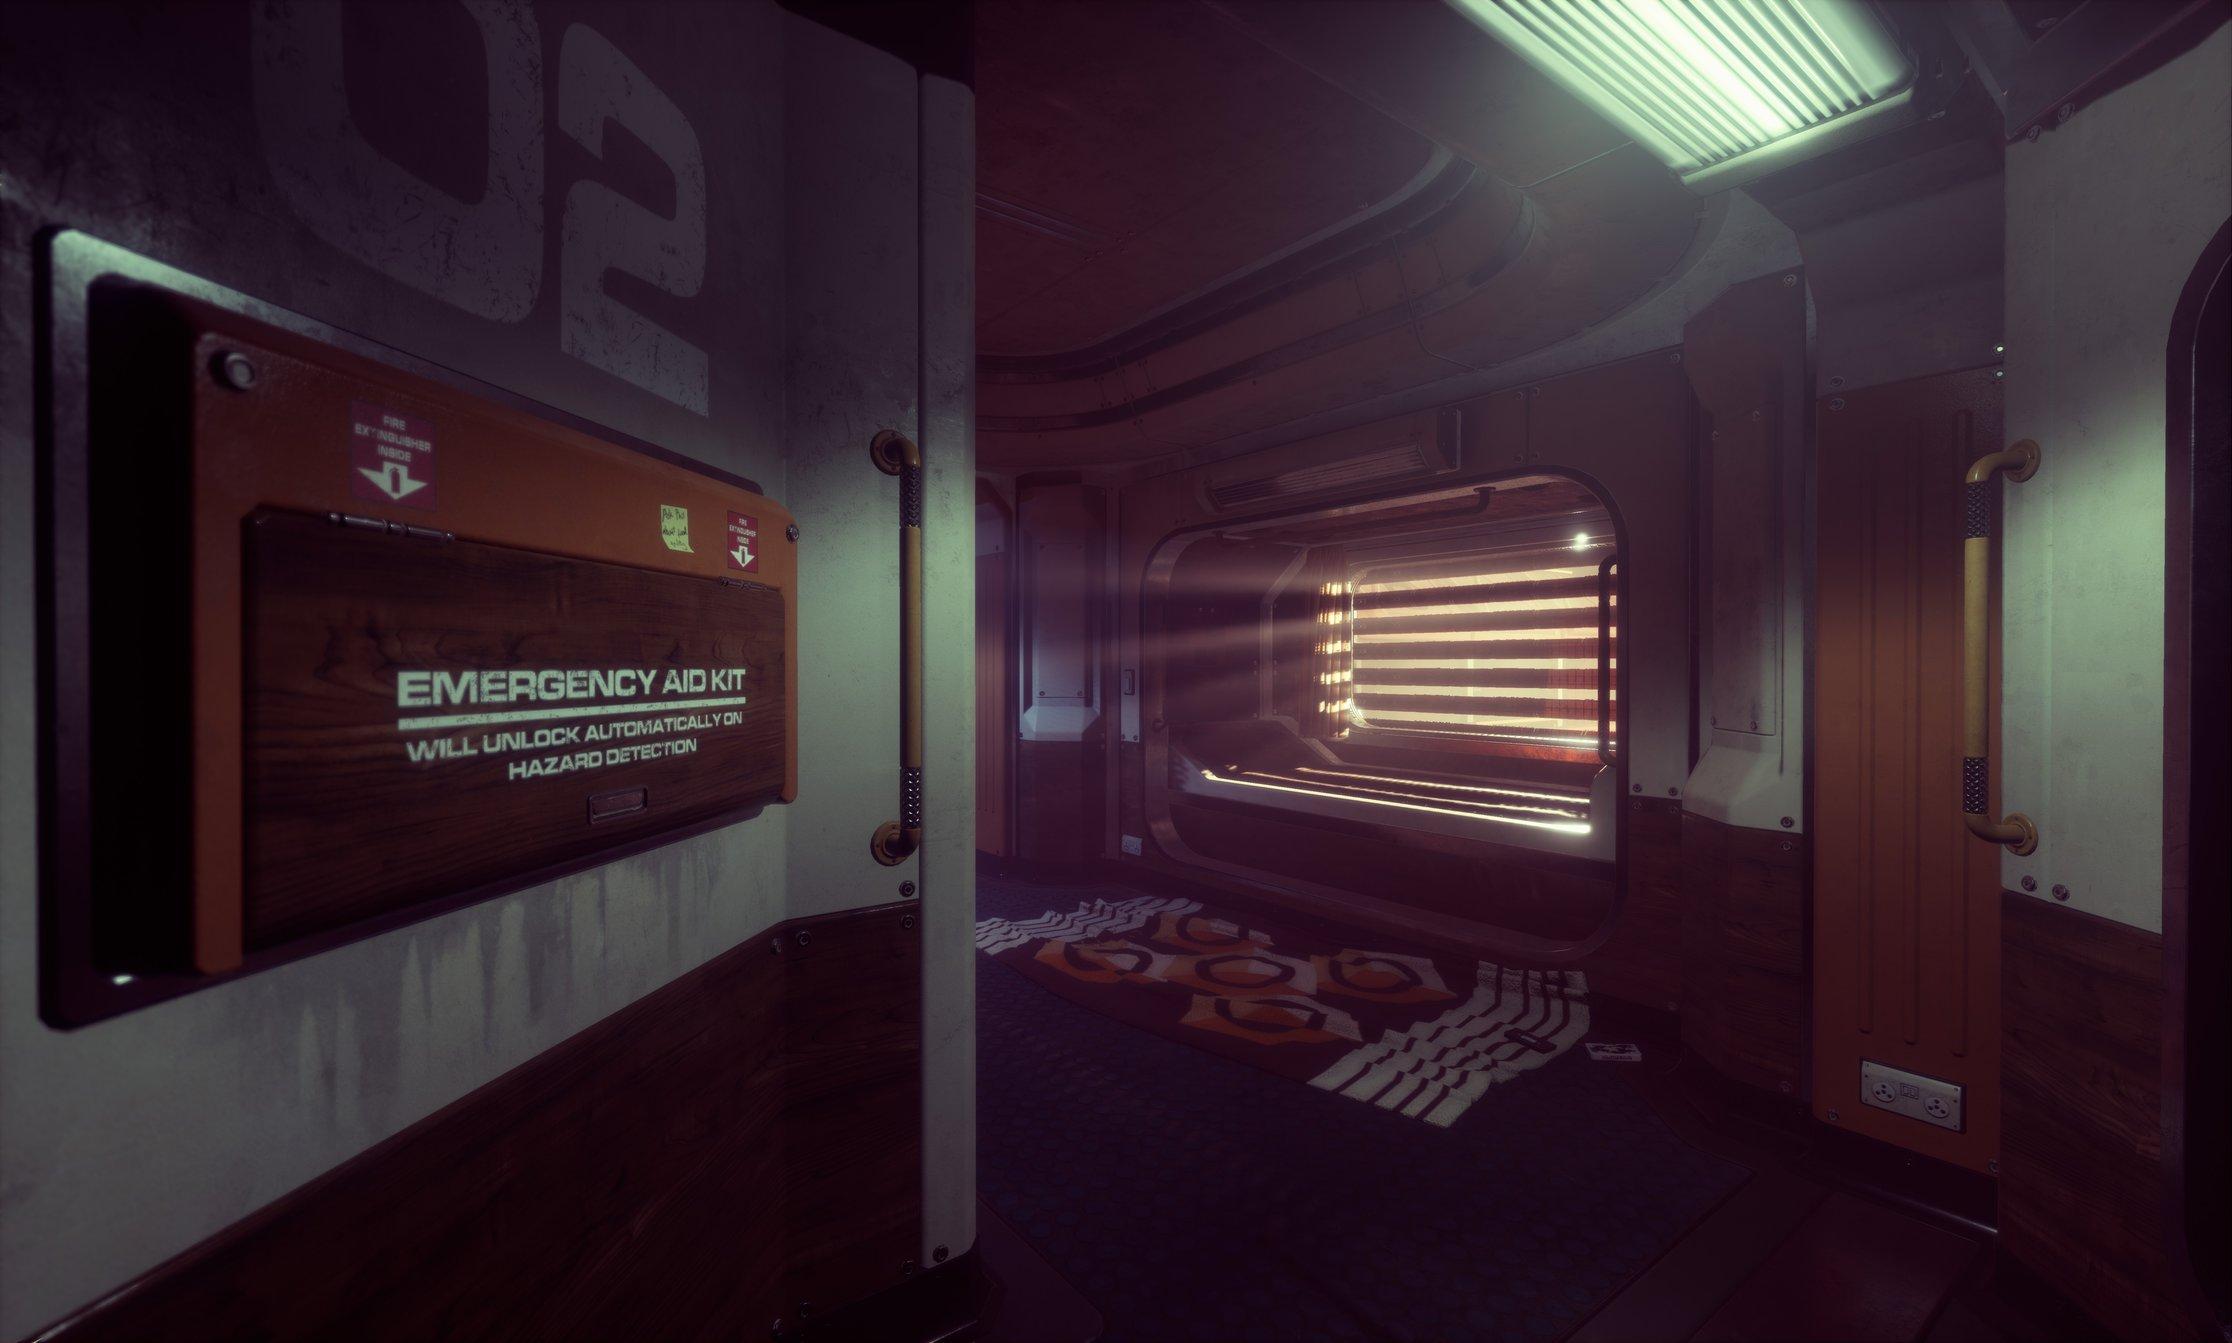 UE4] Alien Isolation Style Lighting   Liam Tart's Sci-Fi